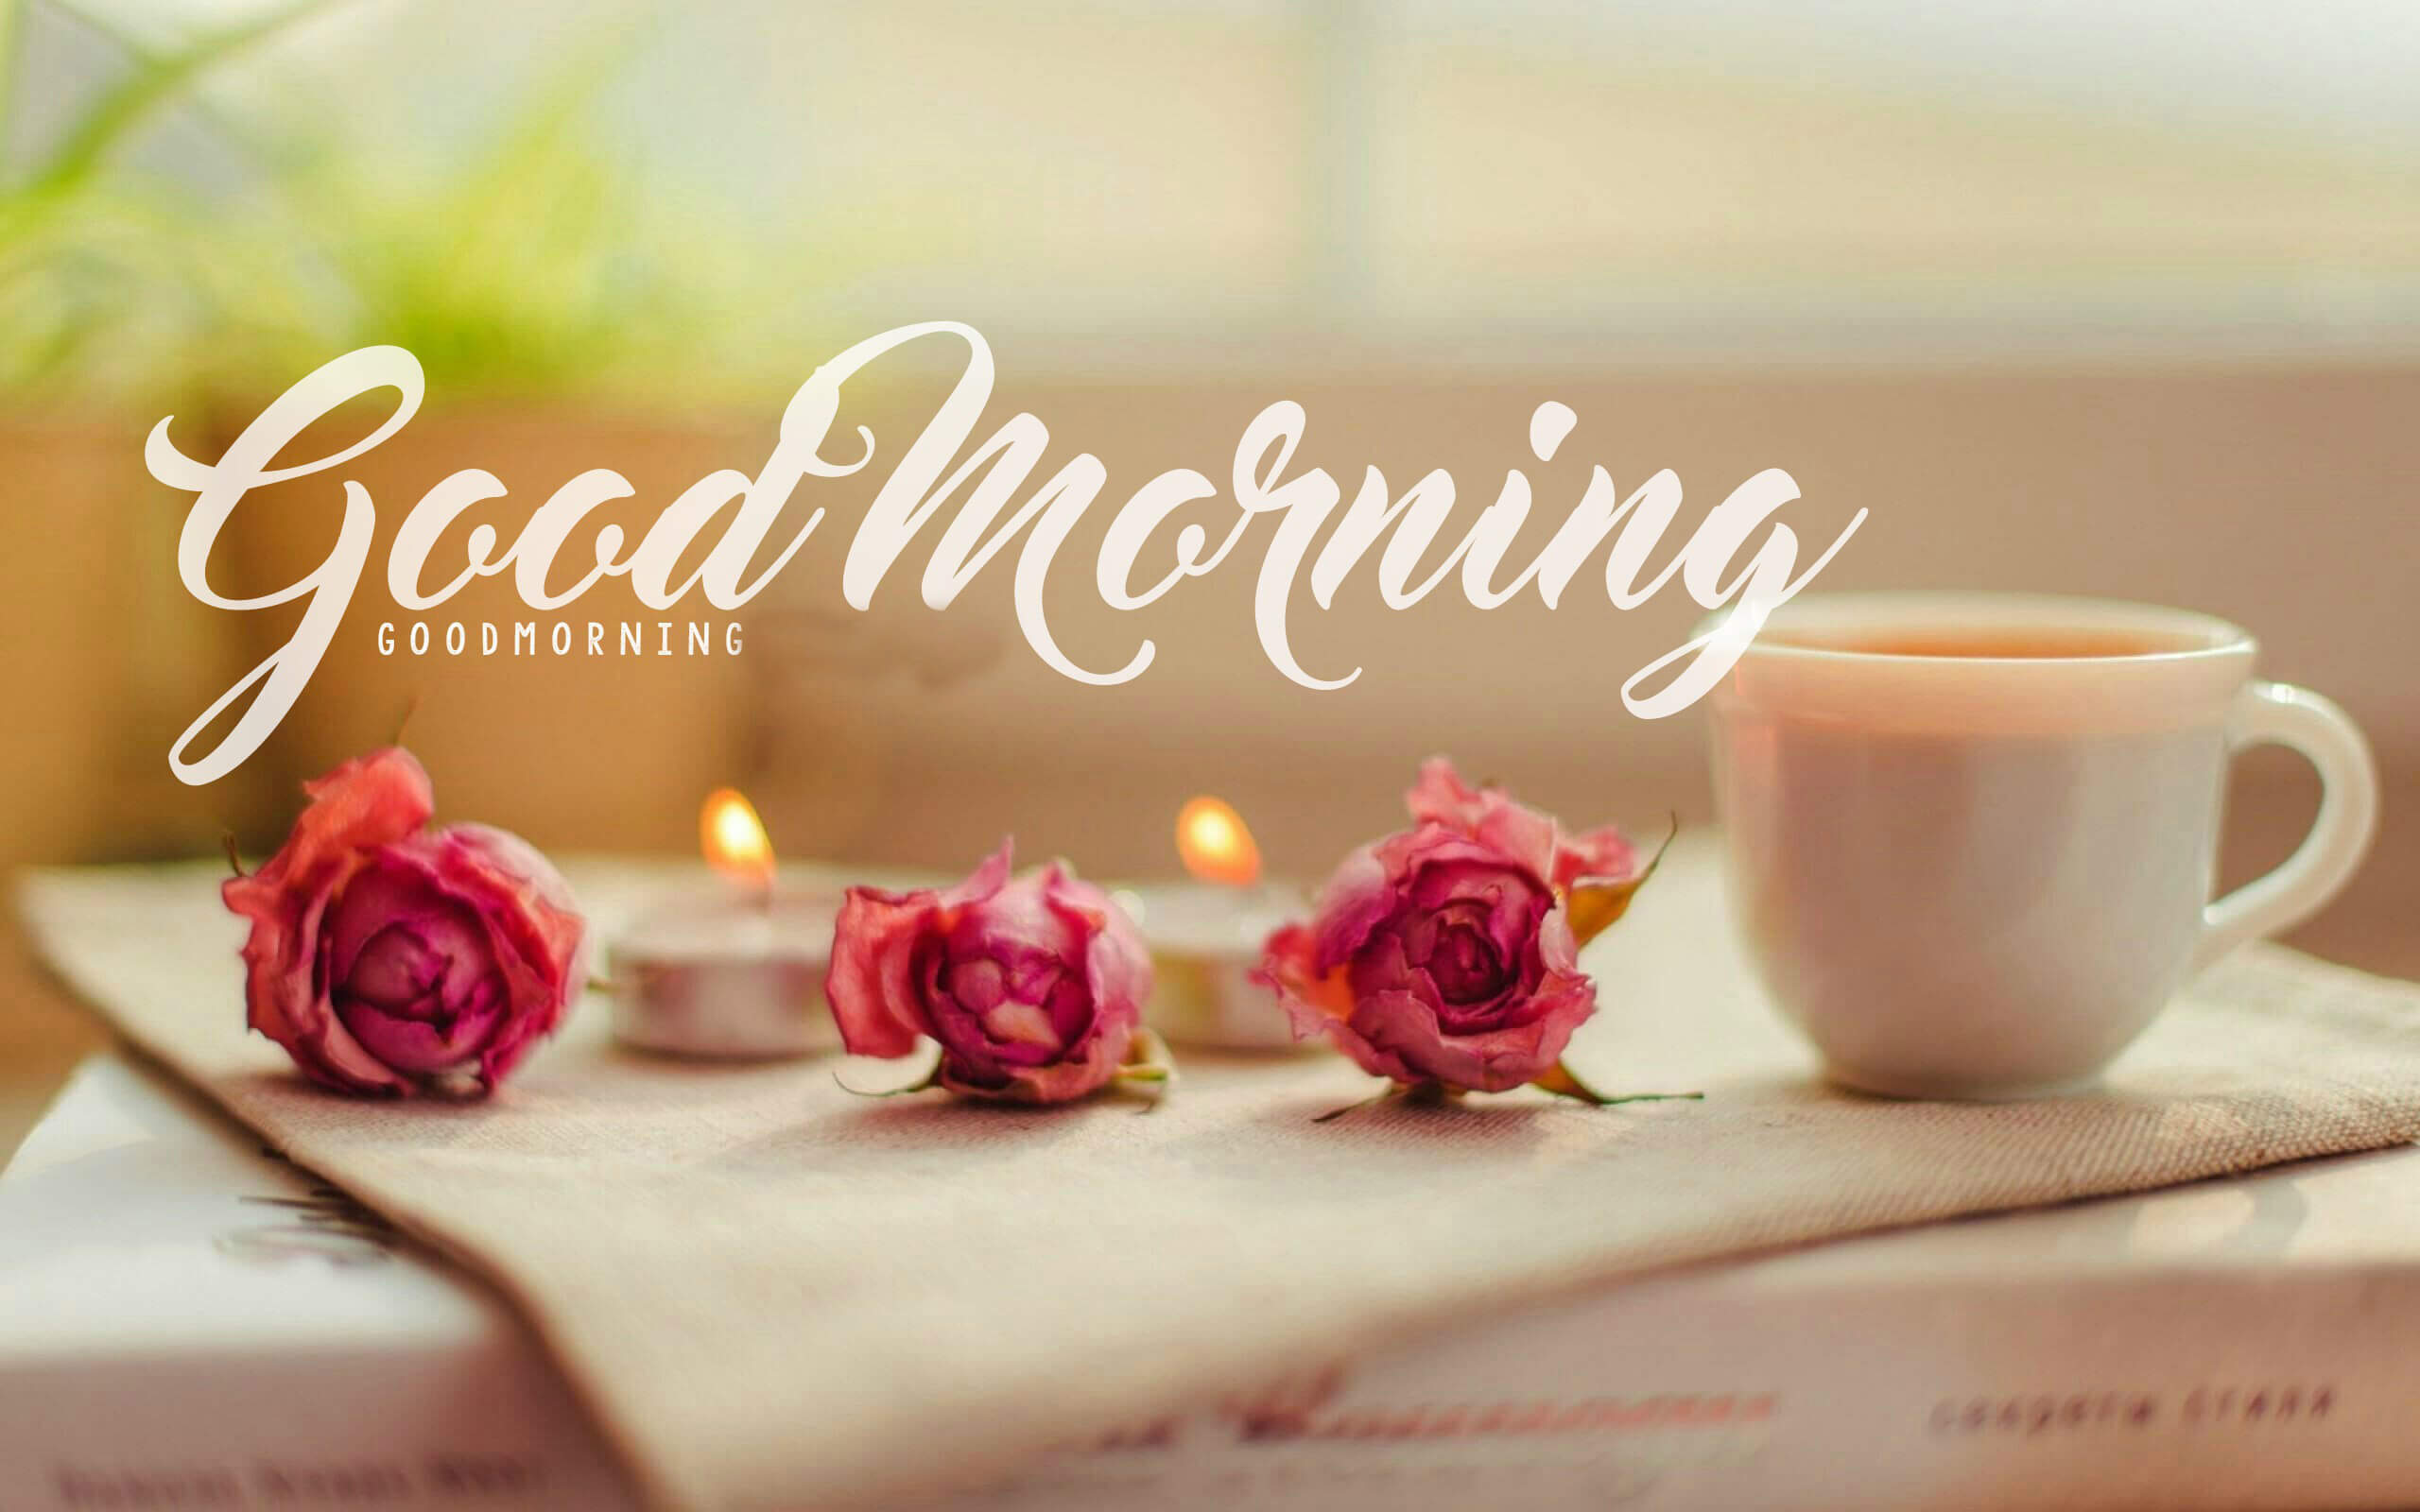 Hình ảnh Chào buổi sáng đẹp